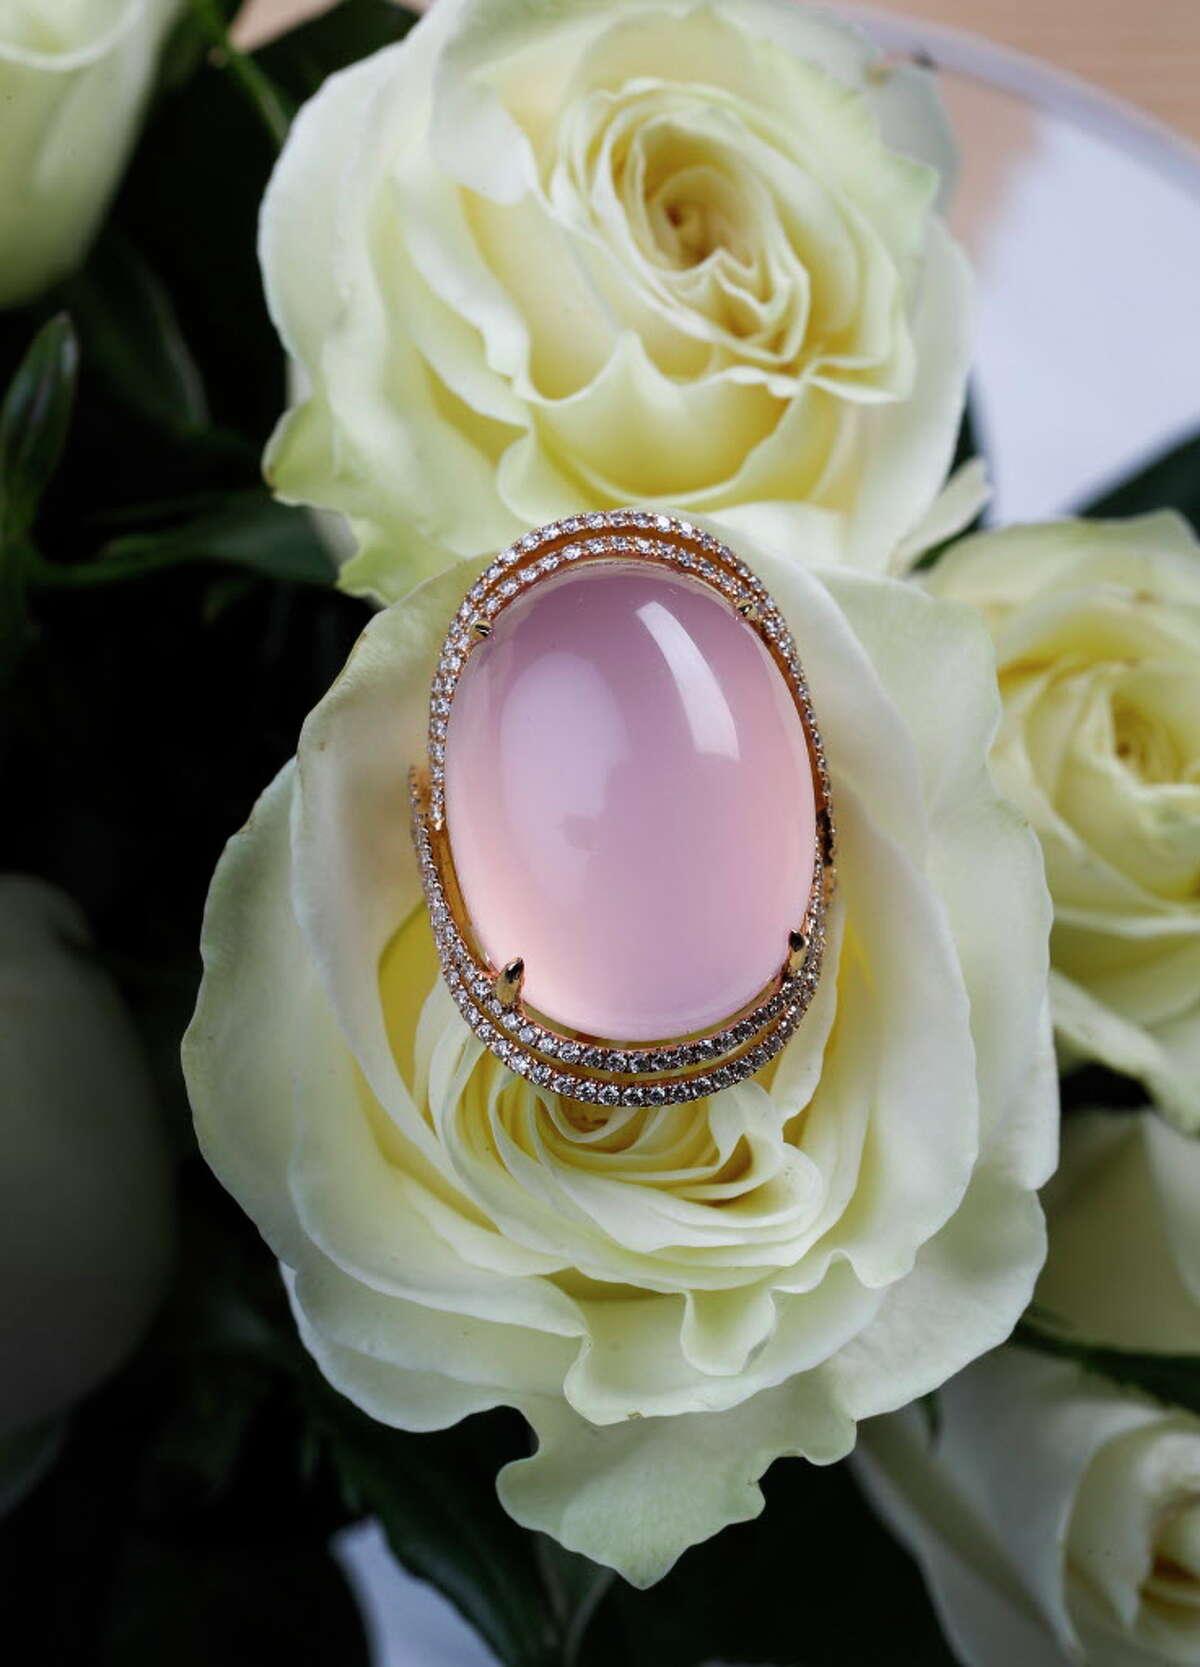 Rose quartz ring $6,900 at Tenenbaum Jewelers